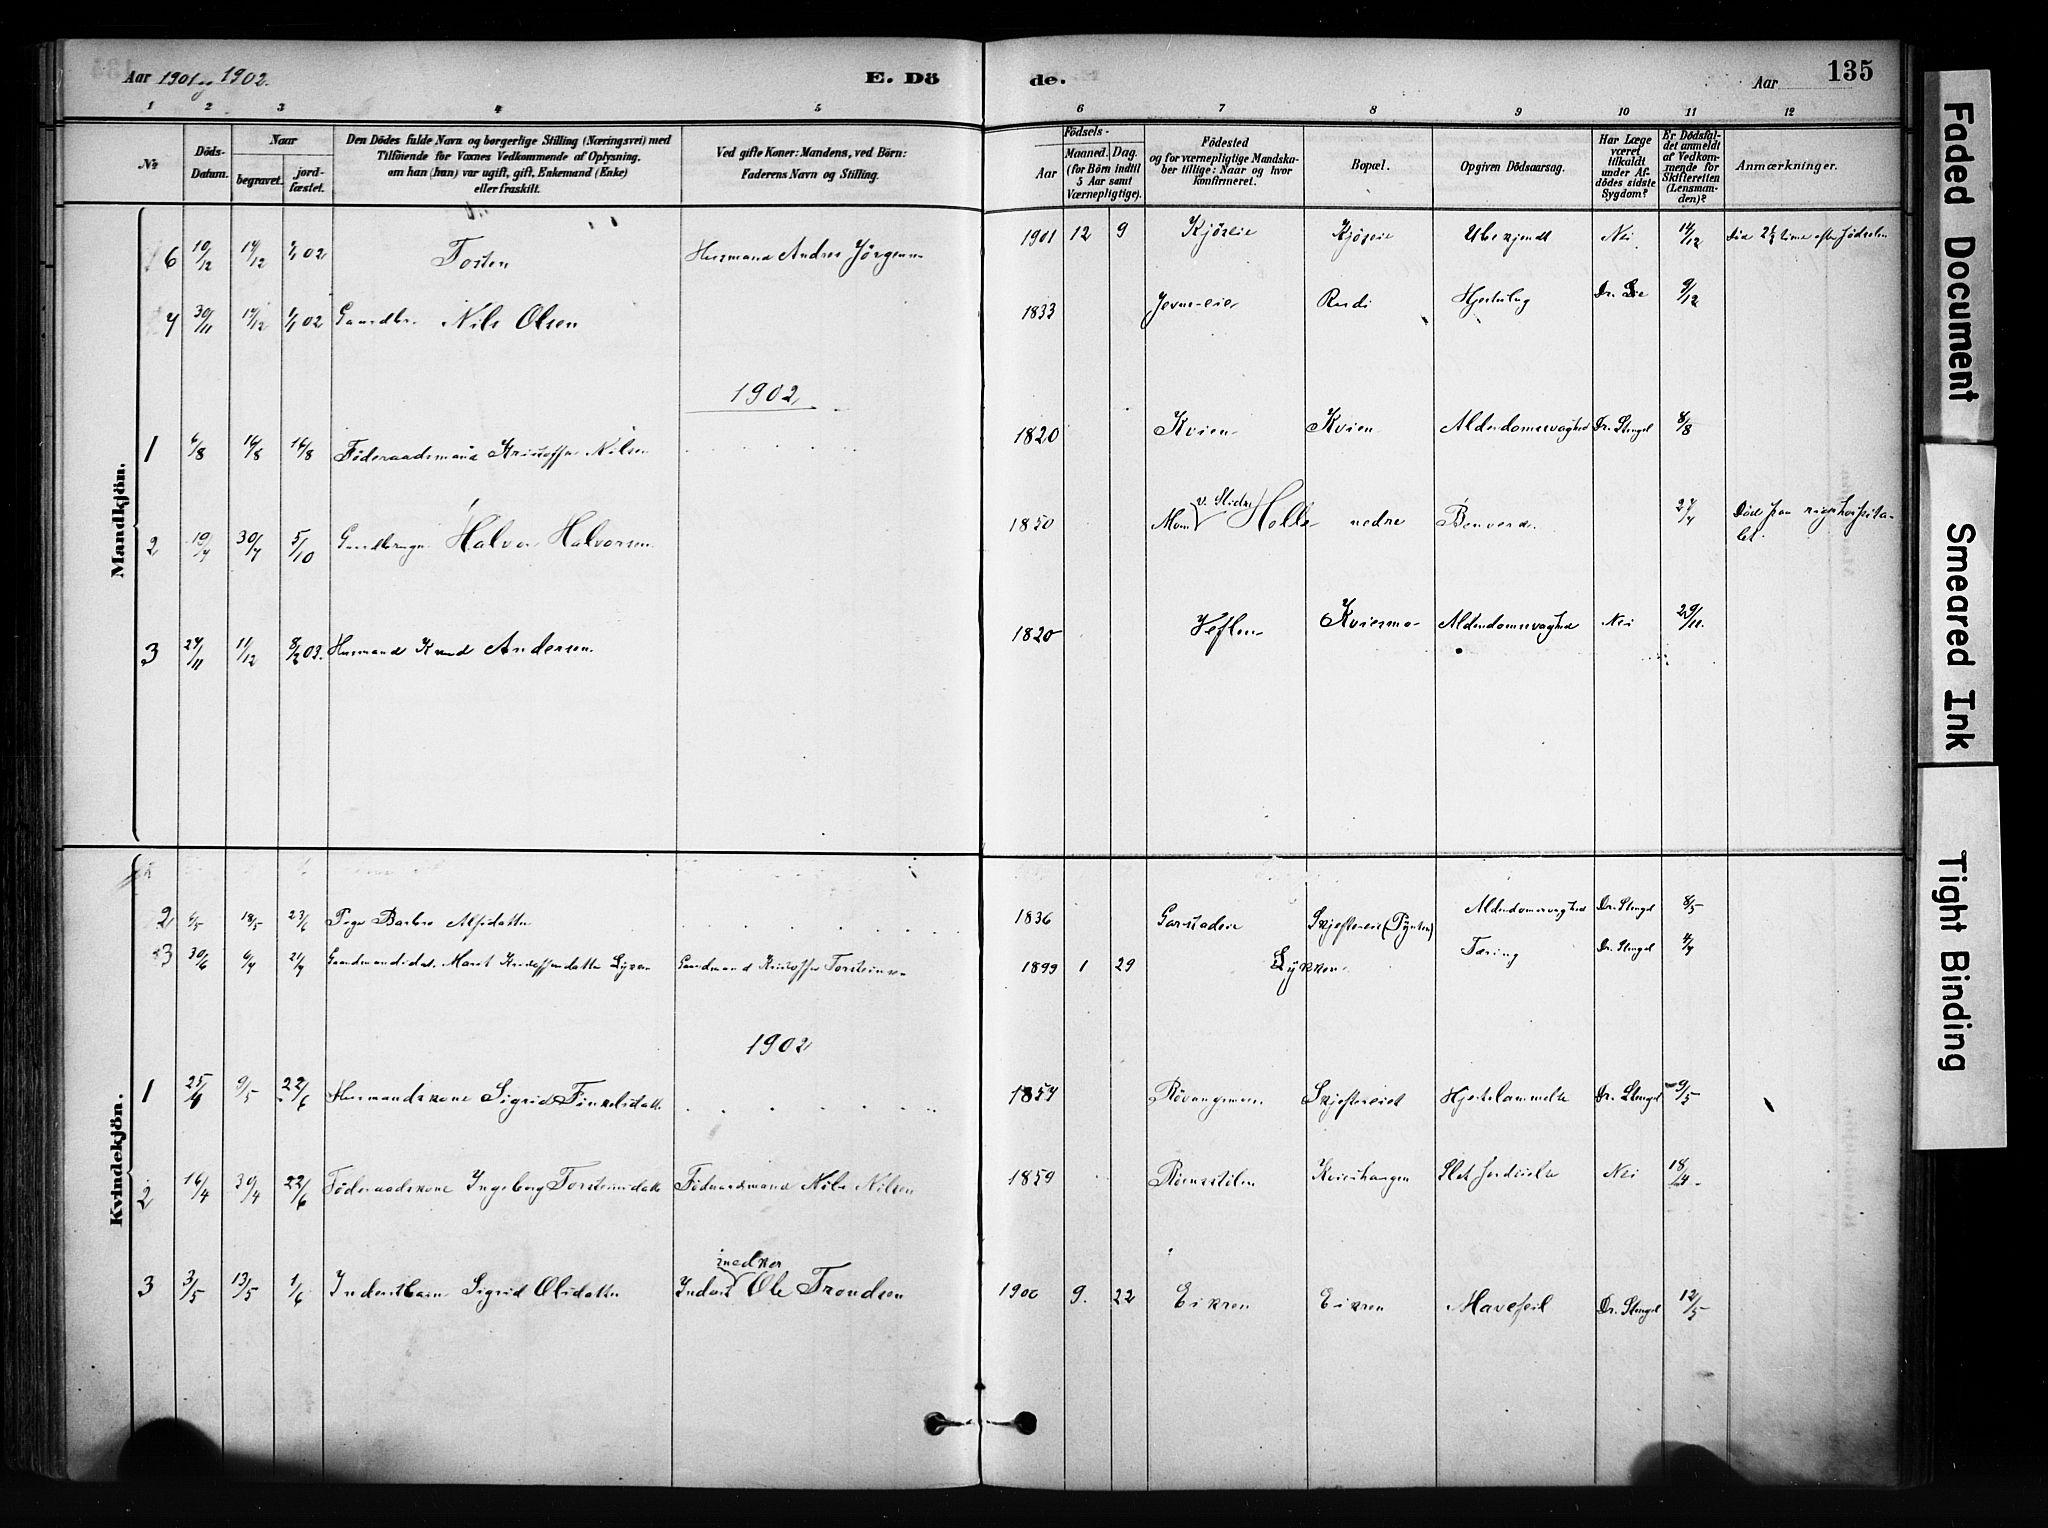 SAH, Vang prestekontor, Valdres, Ministerialbok nr. 9, 1882-1914, s. 135